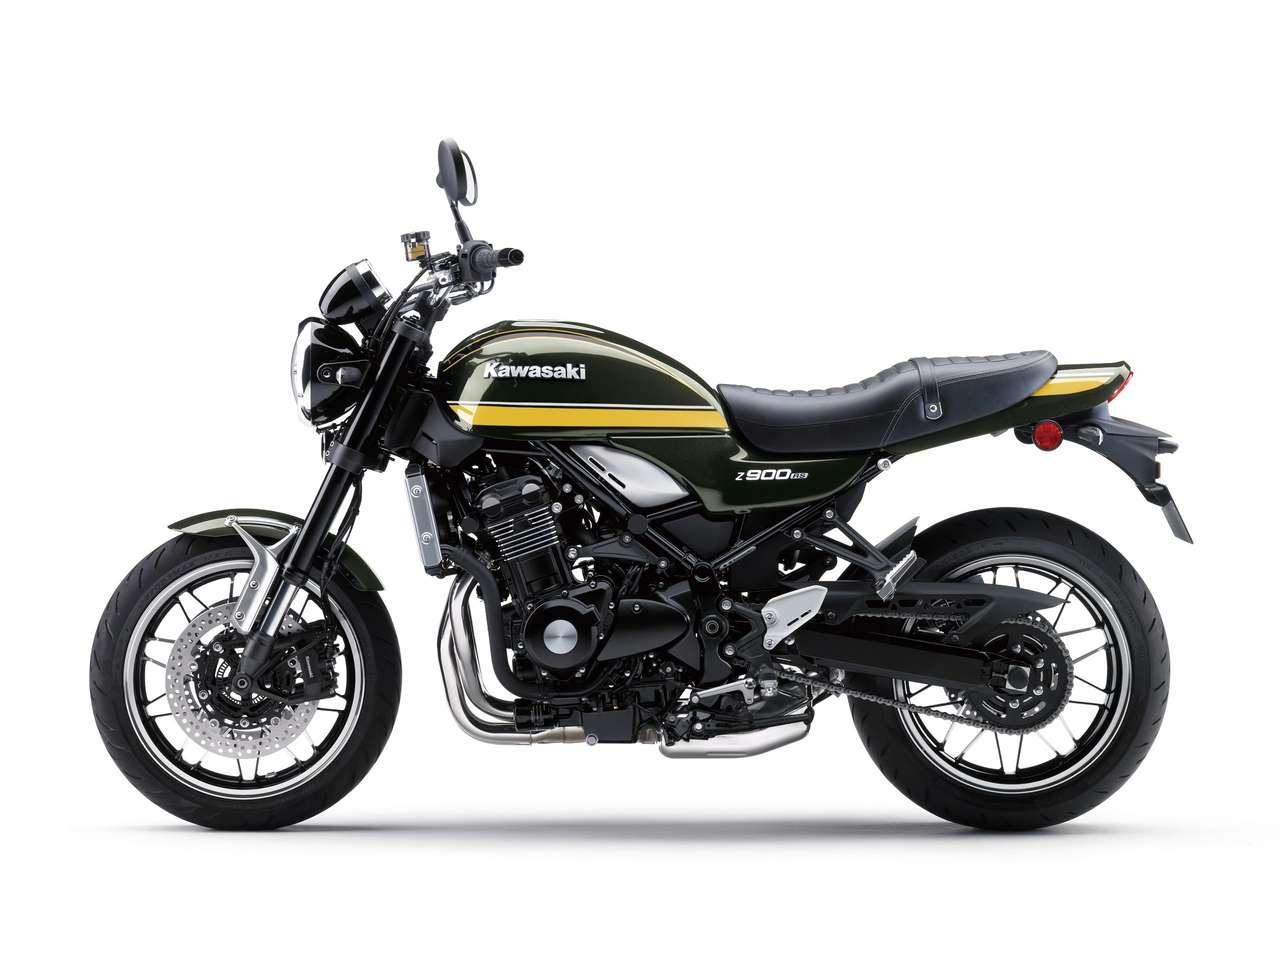 Kawasaki Z900RS 2021 - Candytone Green